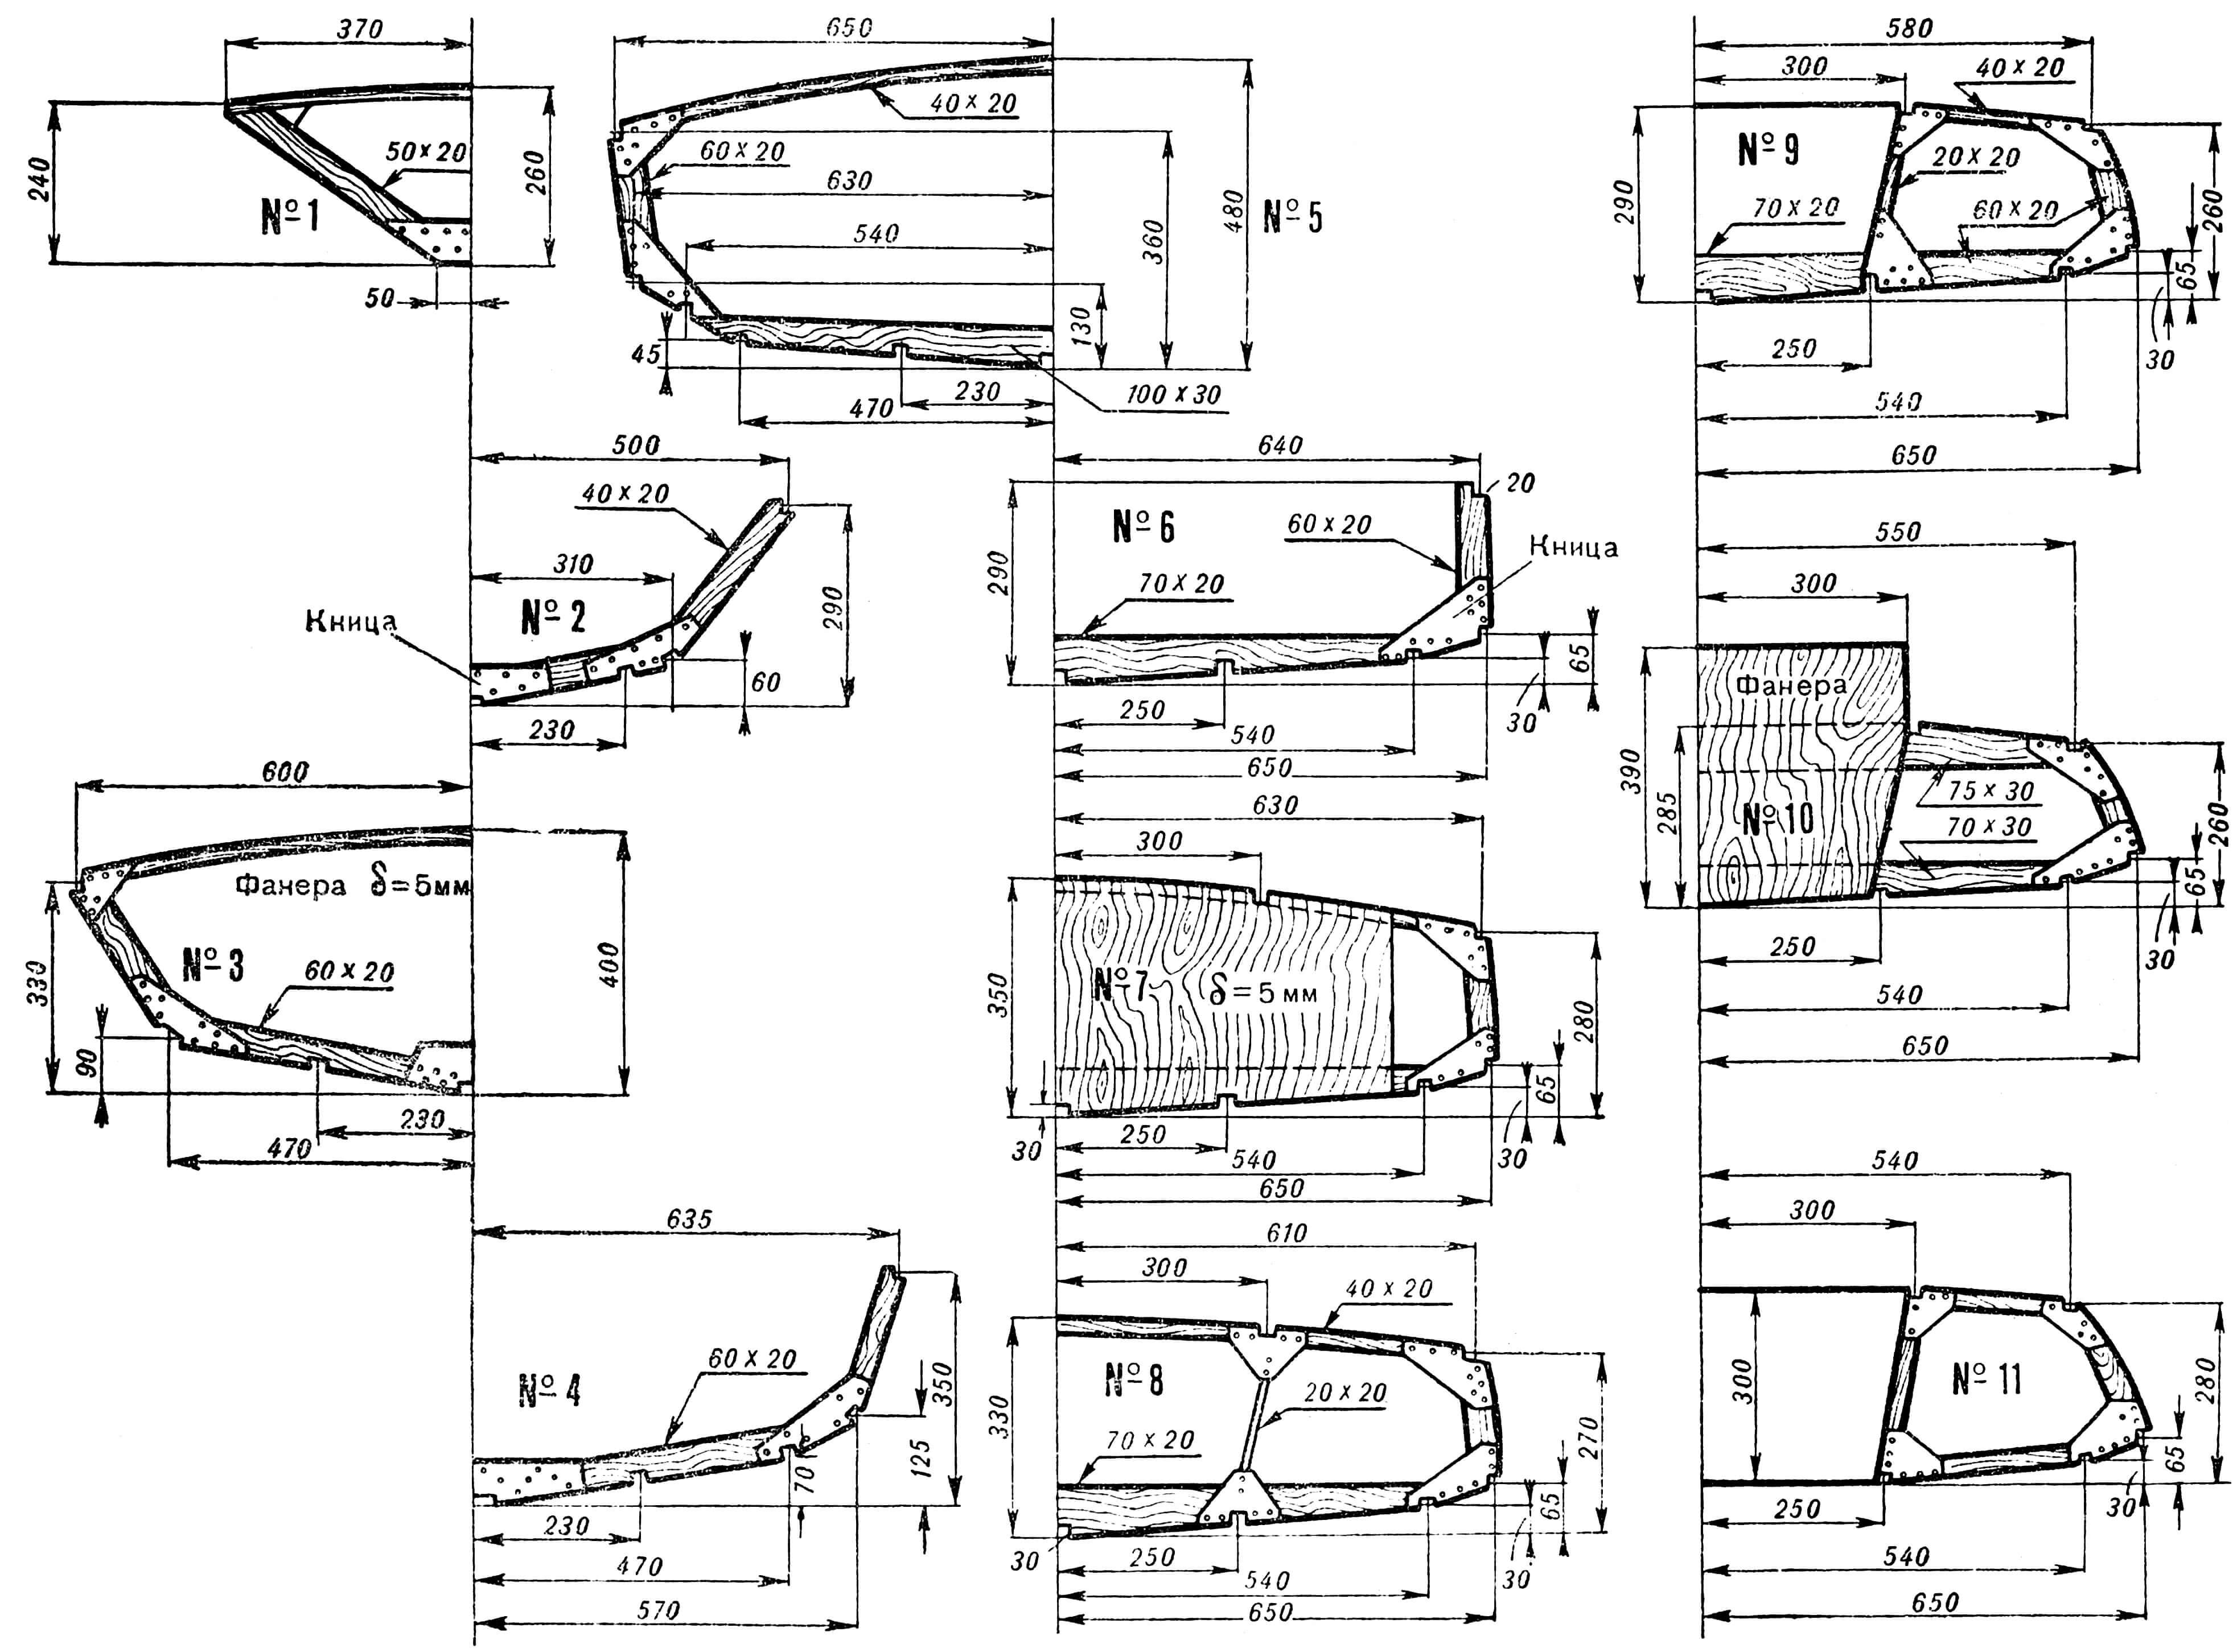 Конструкции шпангоутных рамок